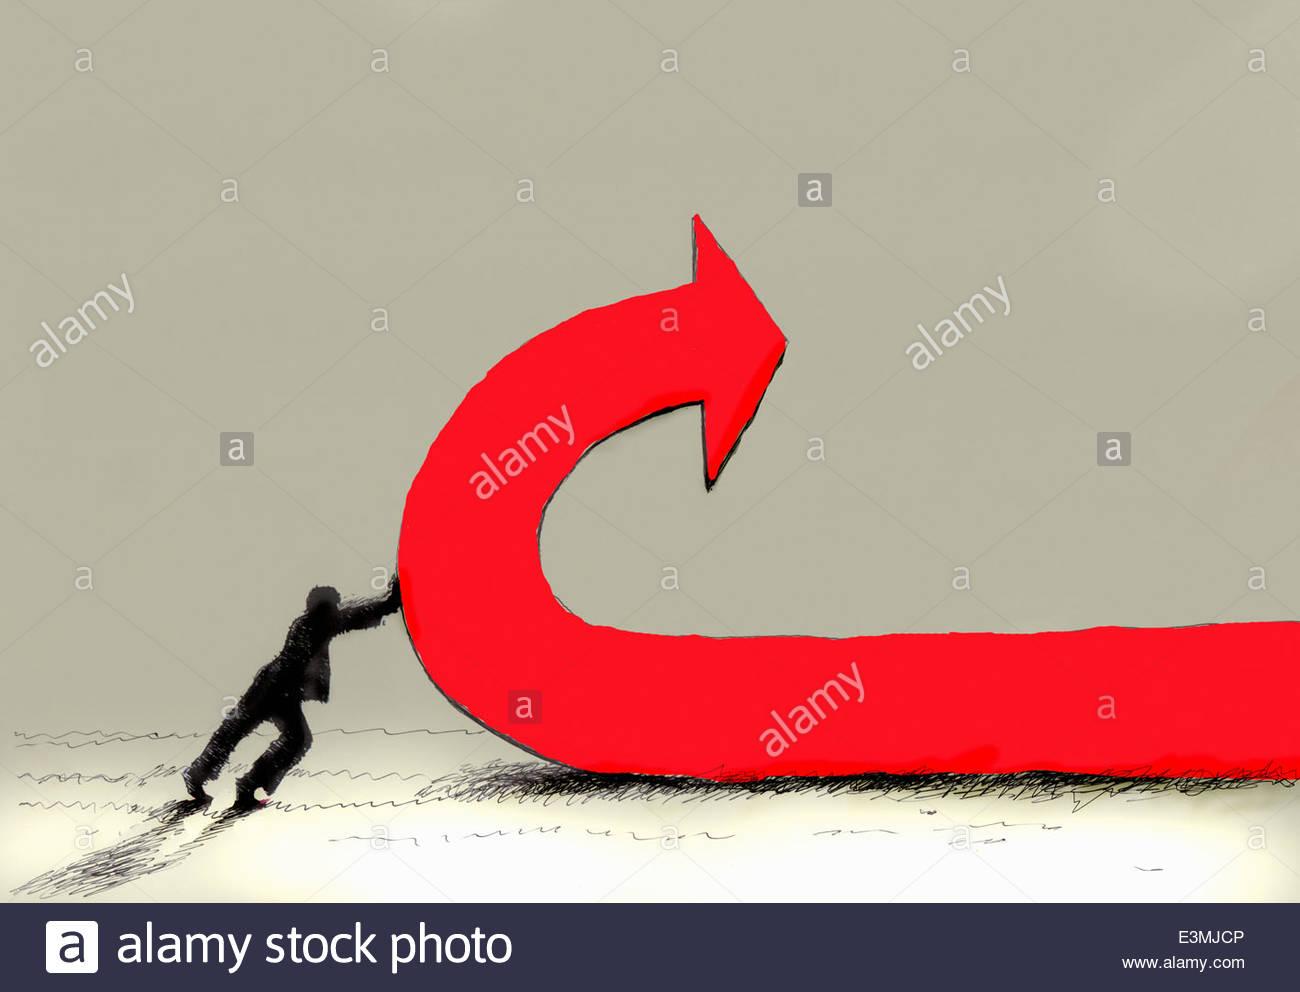 Imprenditore spingendo la linea rossa e un cambio di direzione Immagini Stock